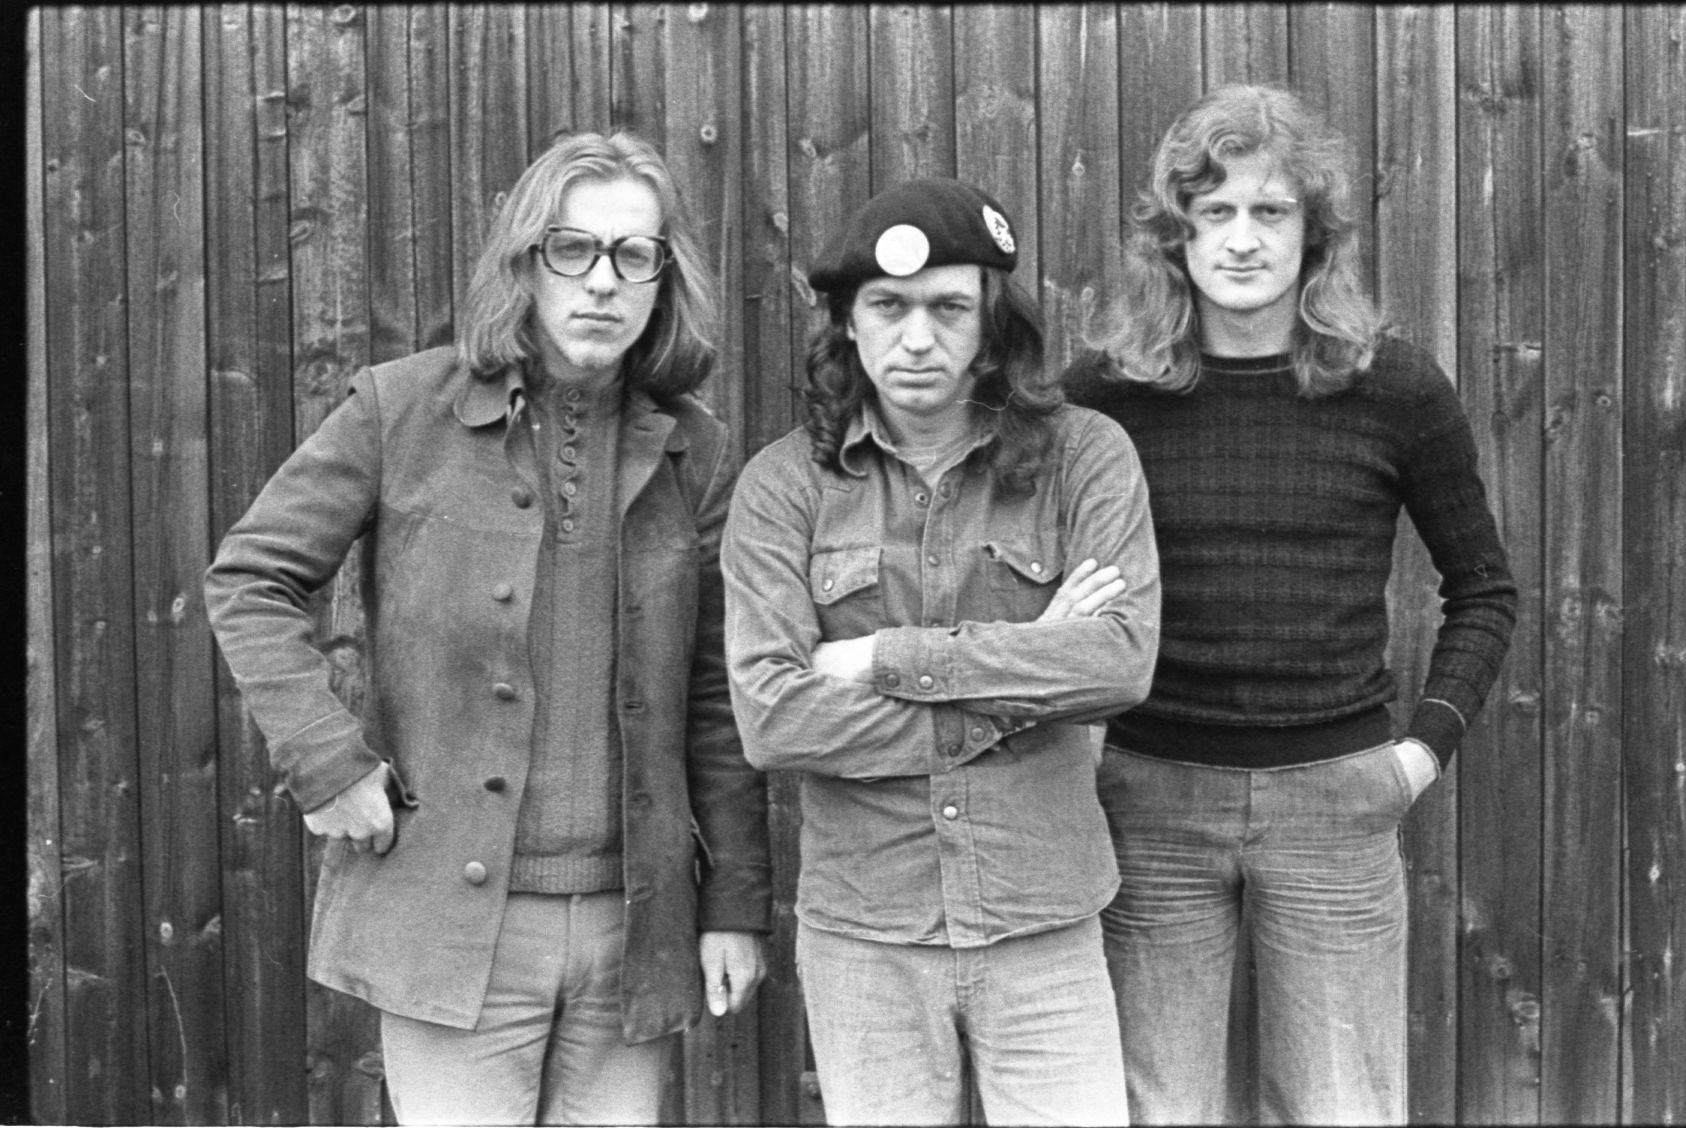 v.l.n.r. Eberhard Klunker, Pete Wyoming Bender, Hansi Biebl